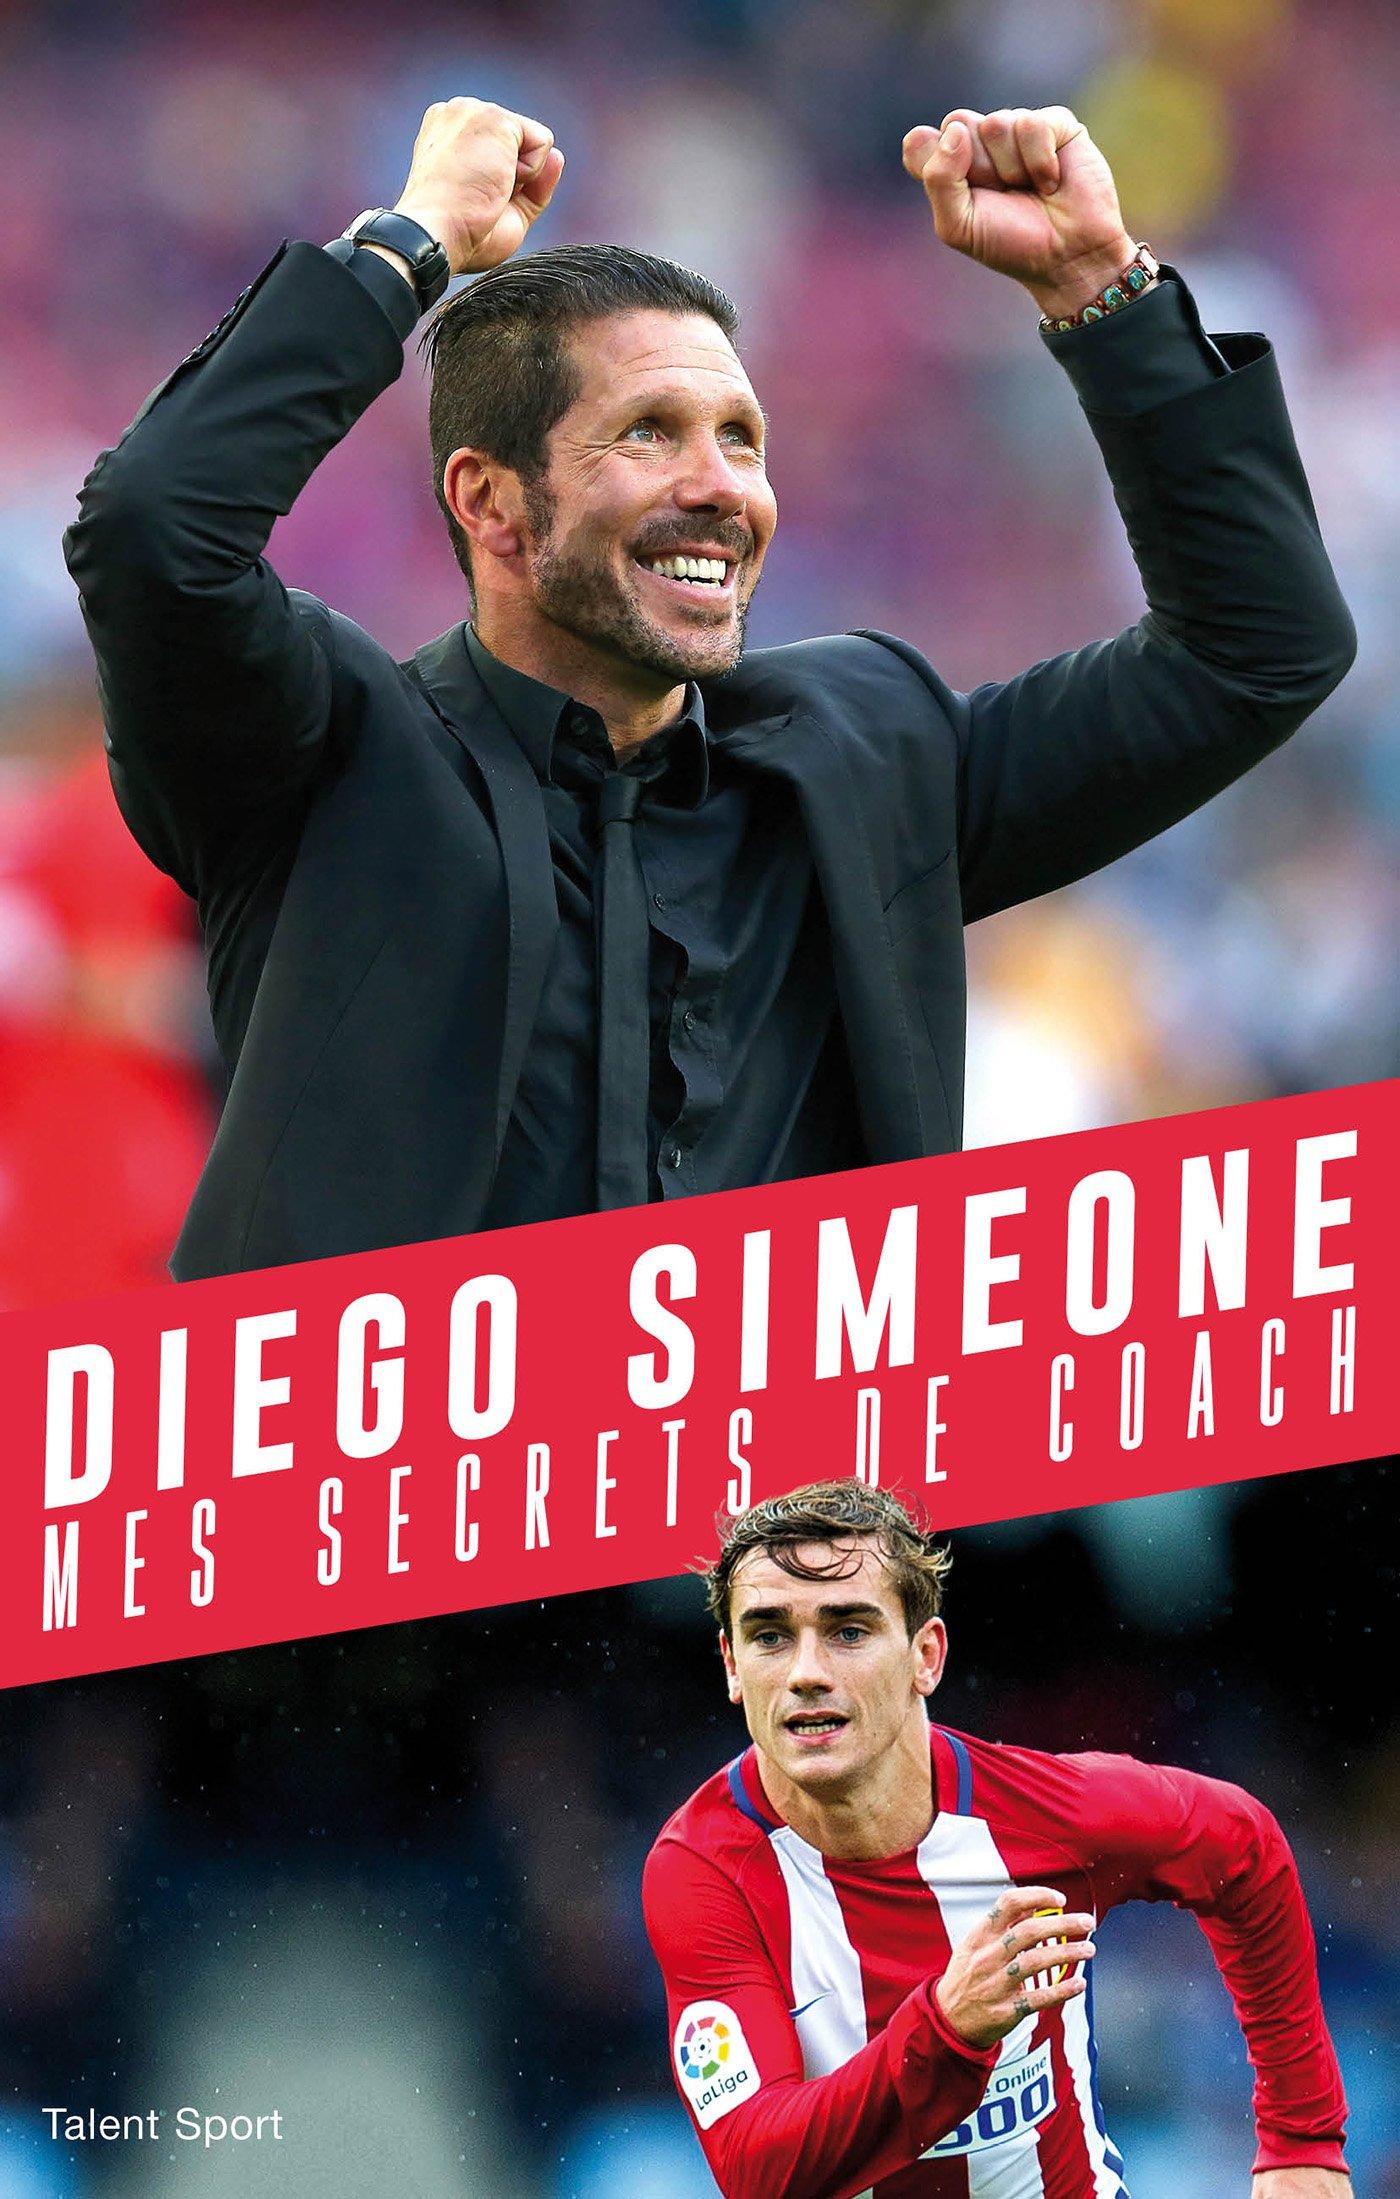 coach prime outlets 7qtd  Diego SIMEONE, Mes secrets de coach